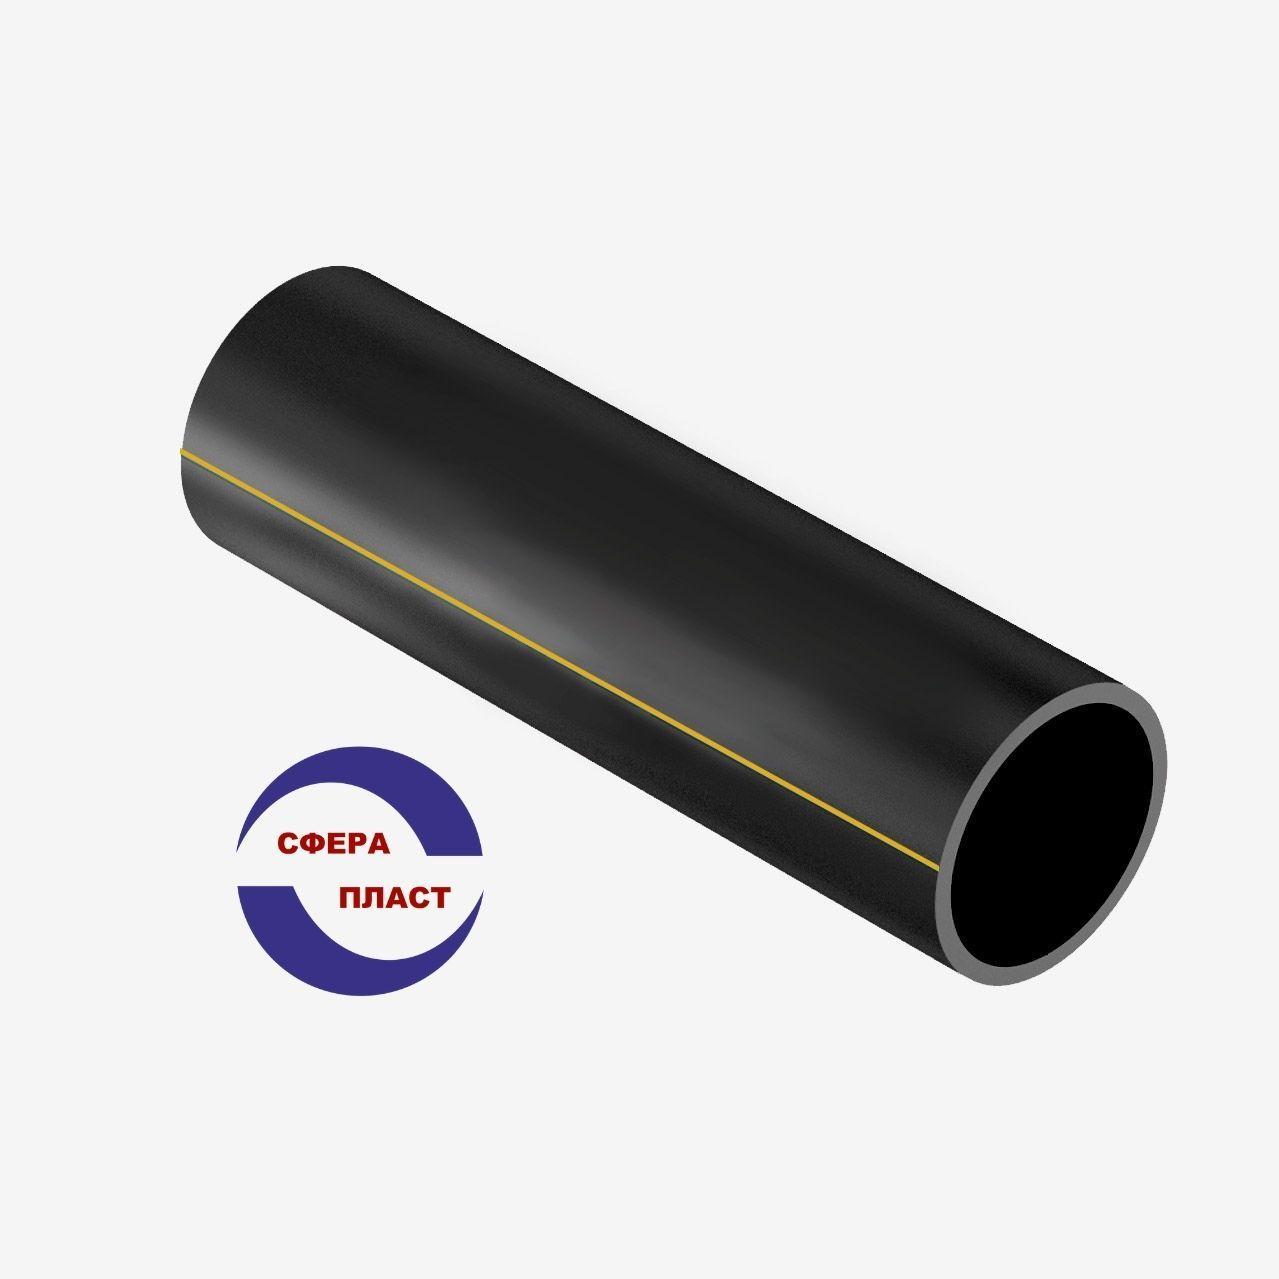 Труба Ду-160x14,6 SDR11 ГАЗ (16 атм.) полиэтиленовая ПЭ-100